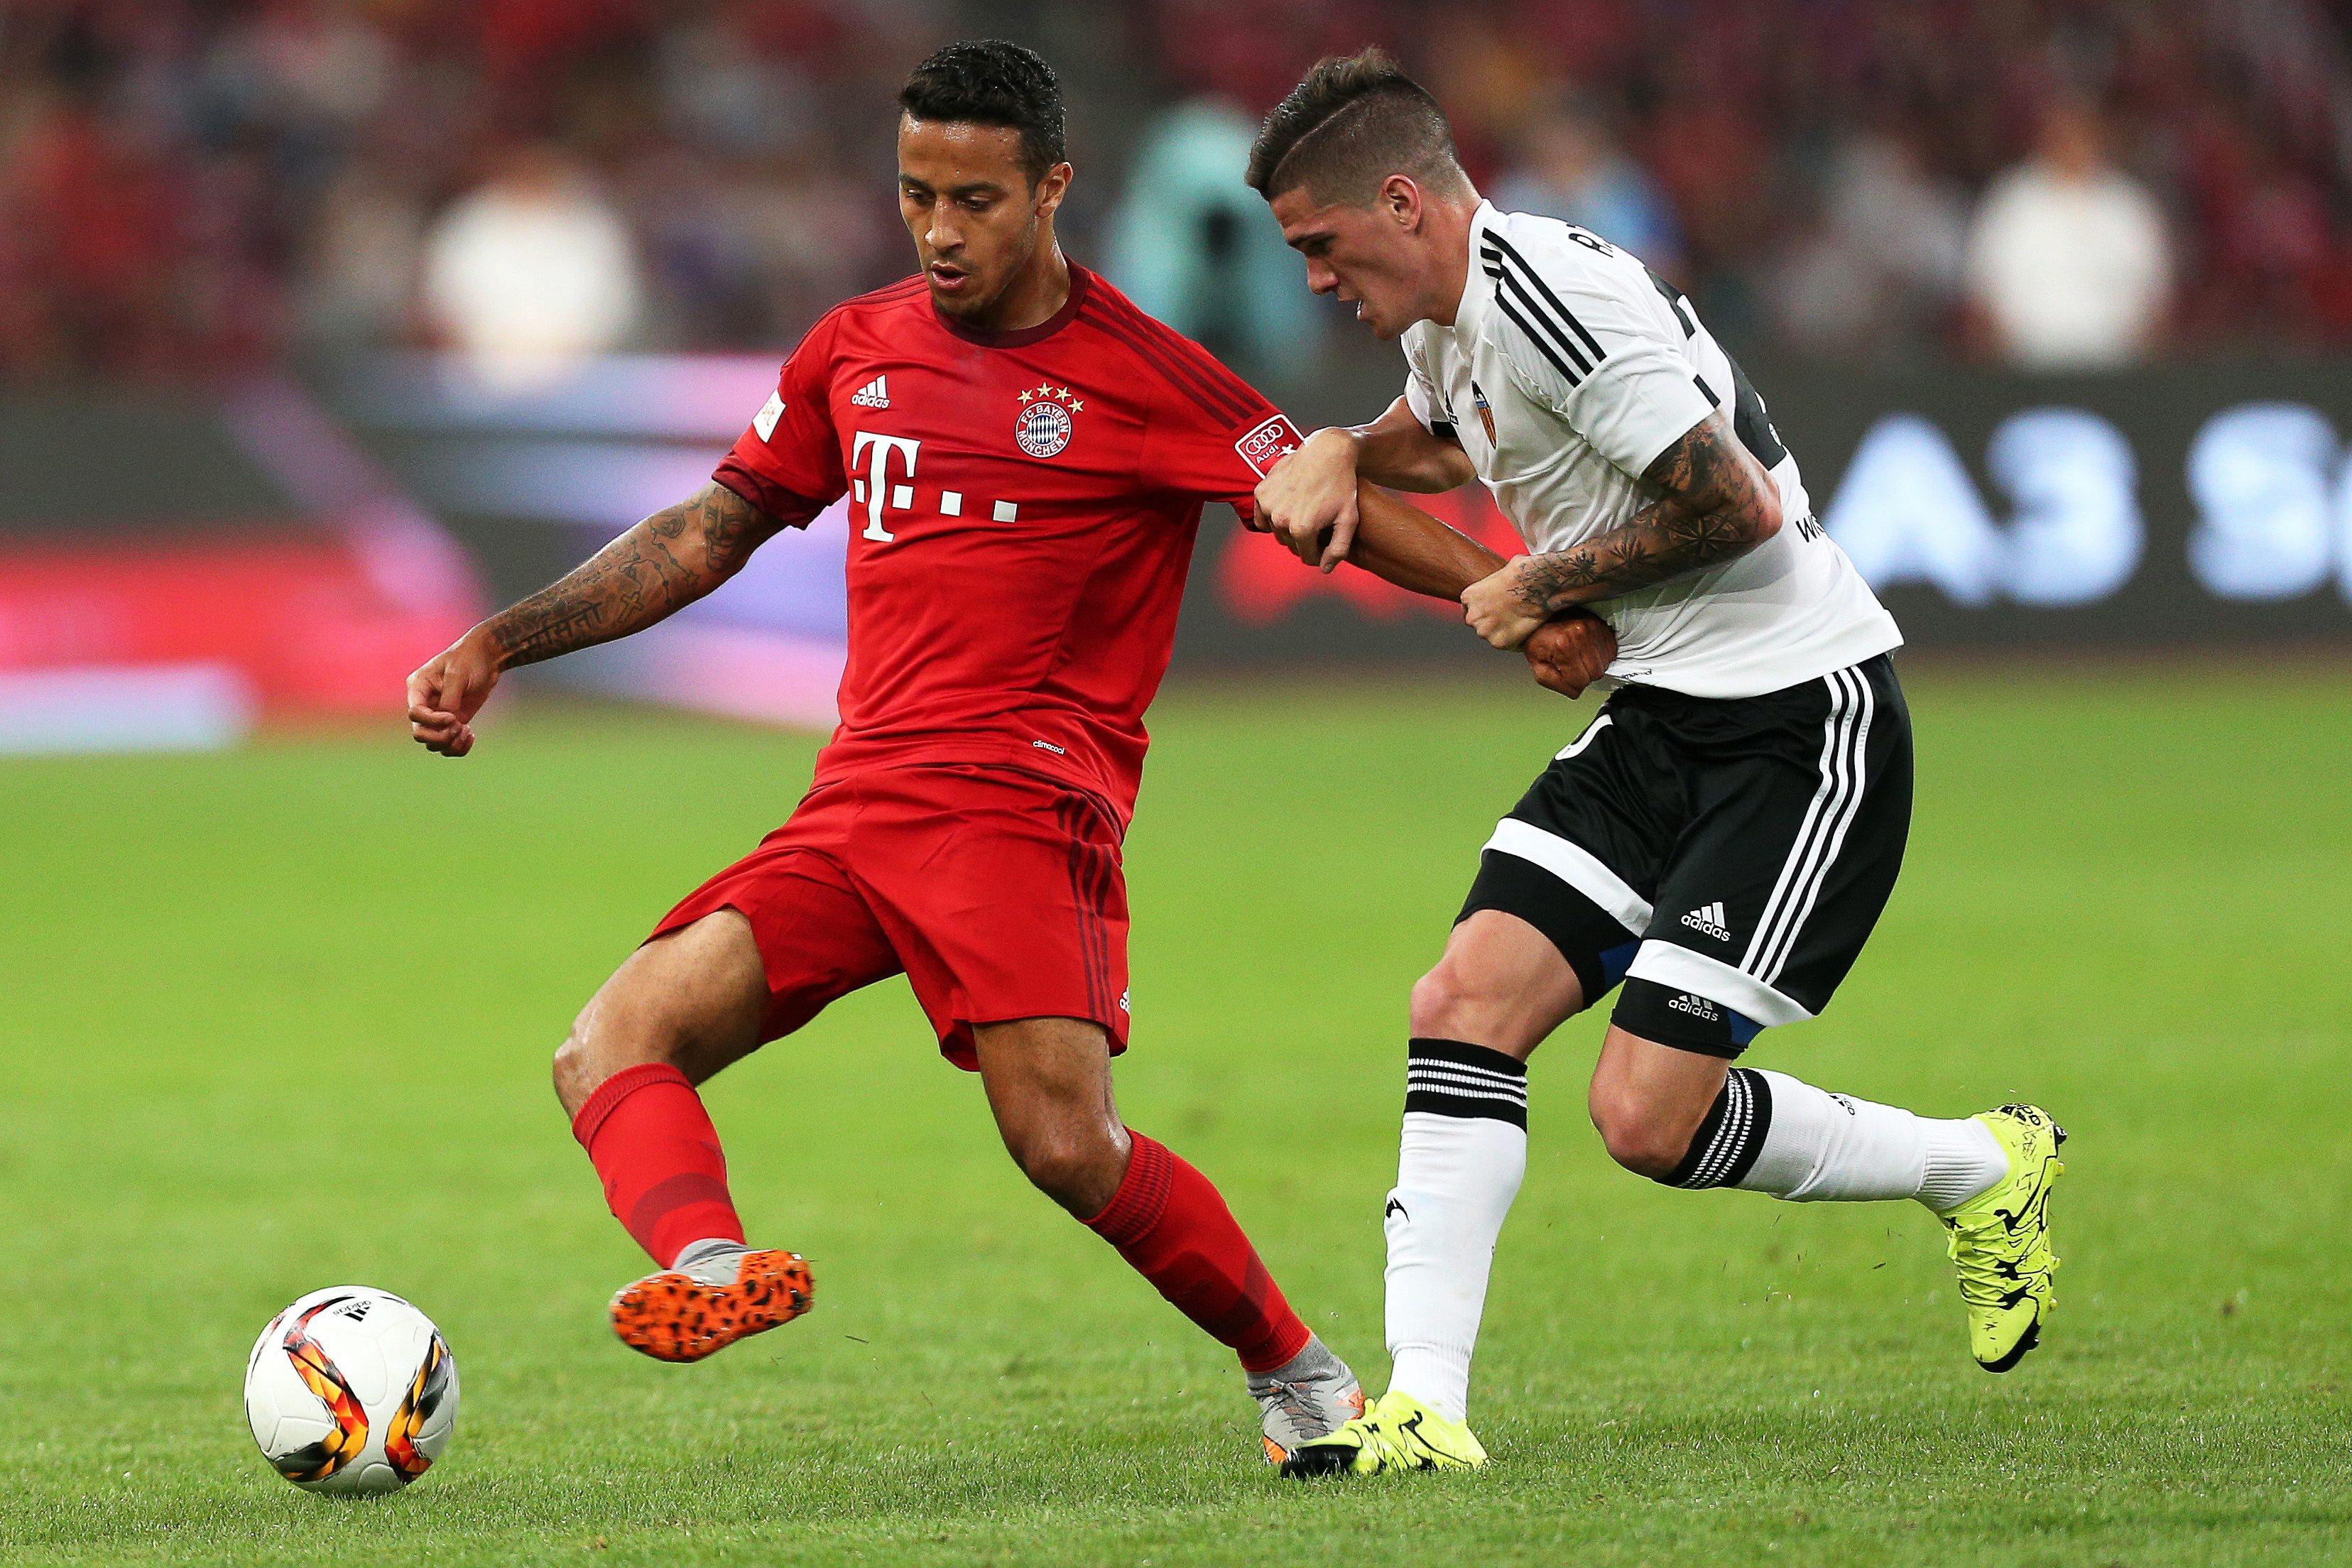 18.07.2015: Bayern Munich 4 - 1 Valencia CF